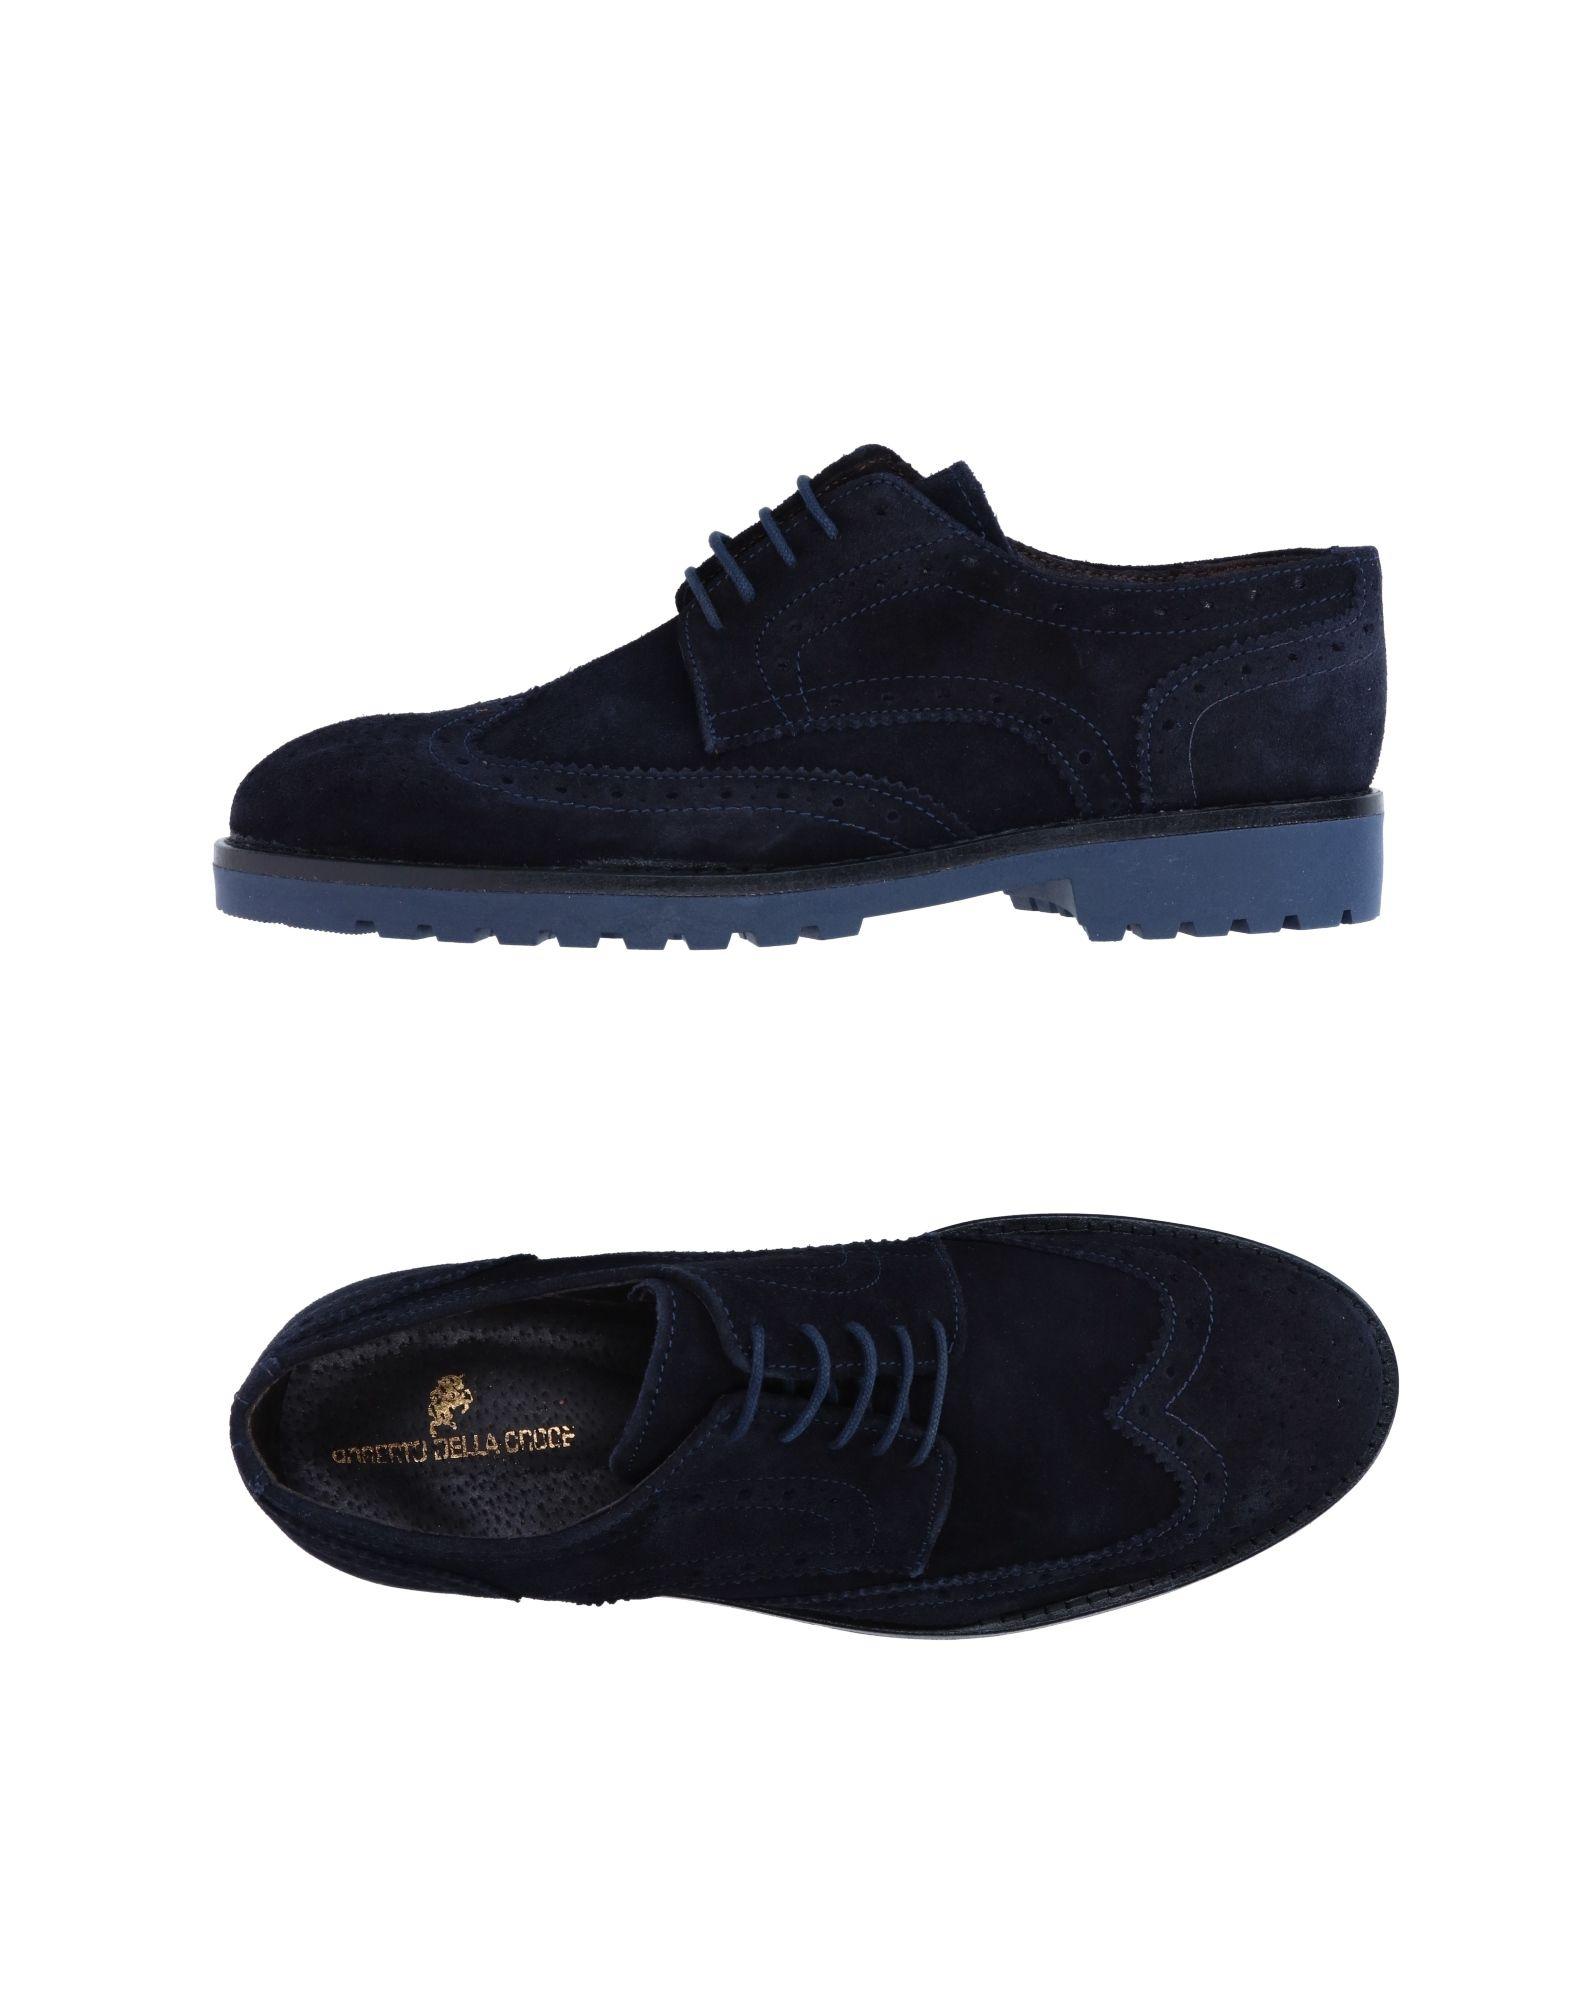 d1ccd413884 Bottes Haute Fille 37 EU ROBERTO DELLA CROCE Chaussures à lacets homme.  Apple of Eden